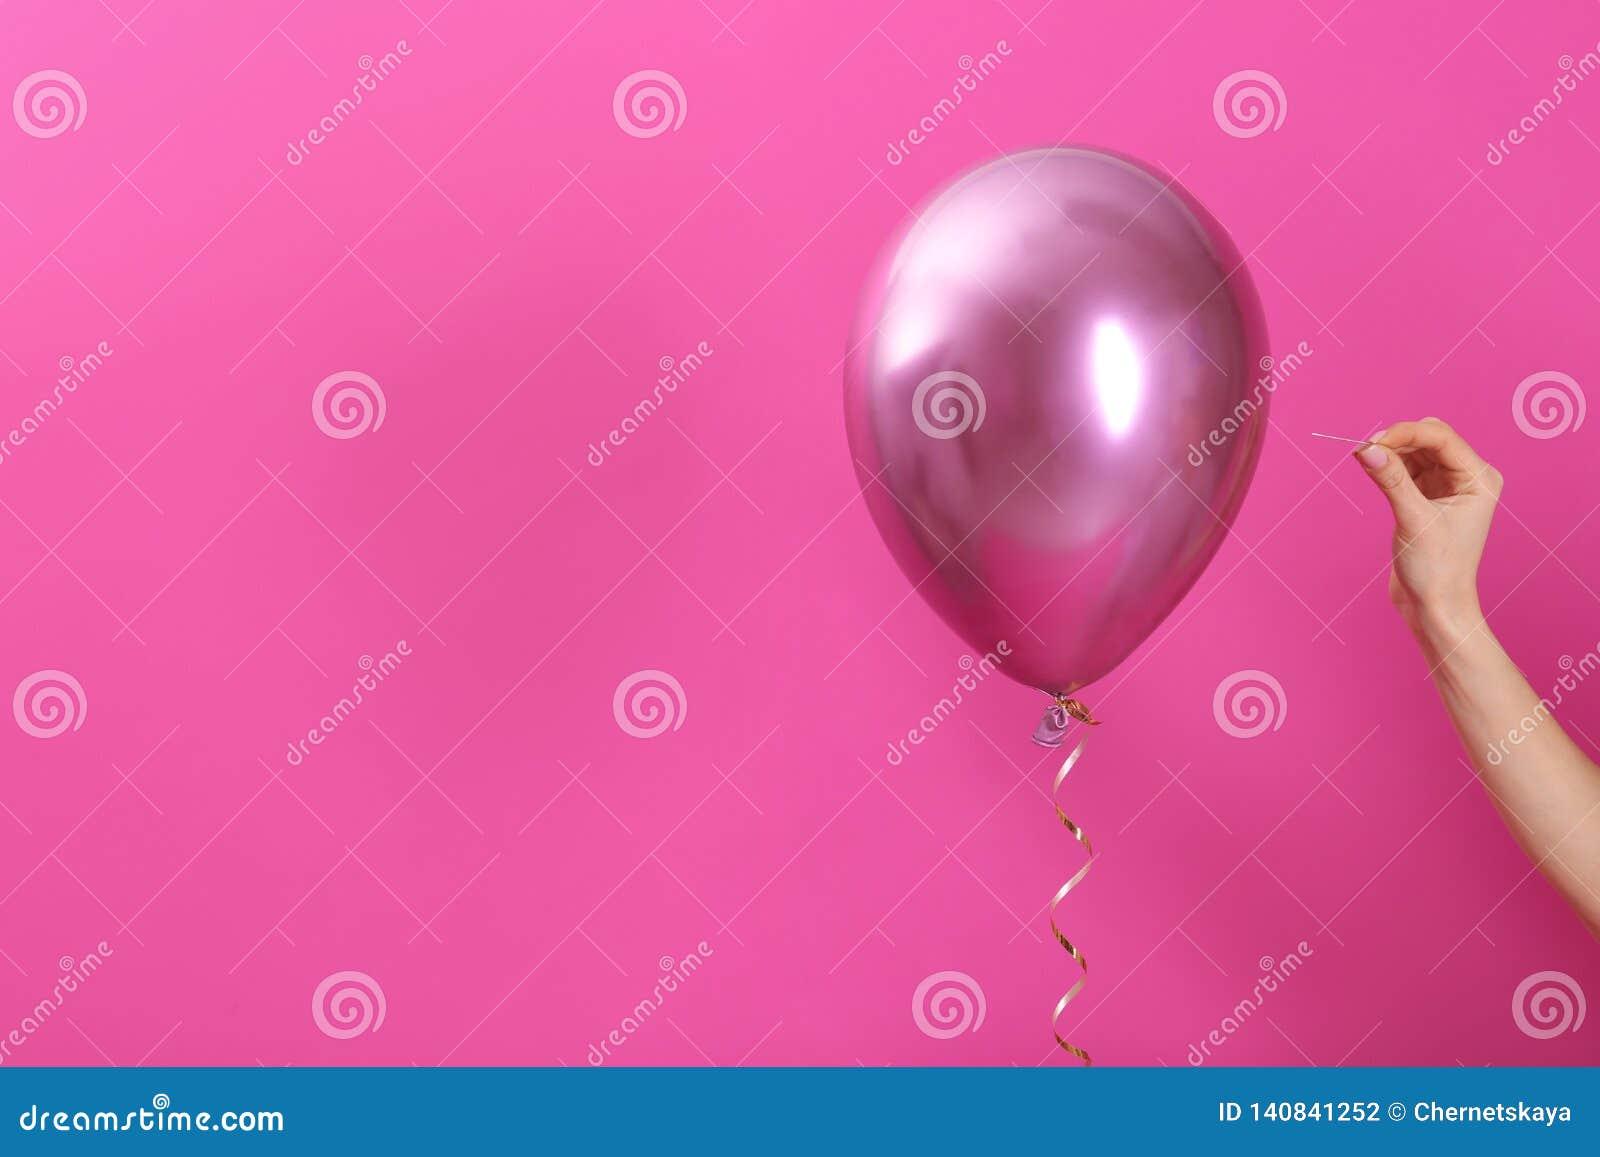 Διαπεραστικό μπαλόνι γυναικών με τη βελόνα στο υπόβαθρο χρώματος, κινηματογράφηση σε πρώτο πλάνο